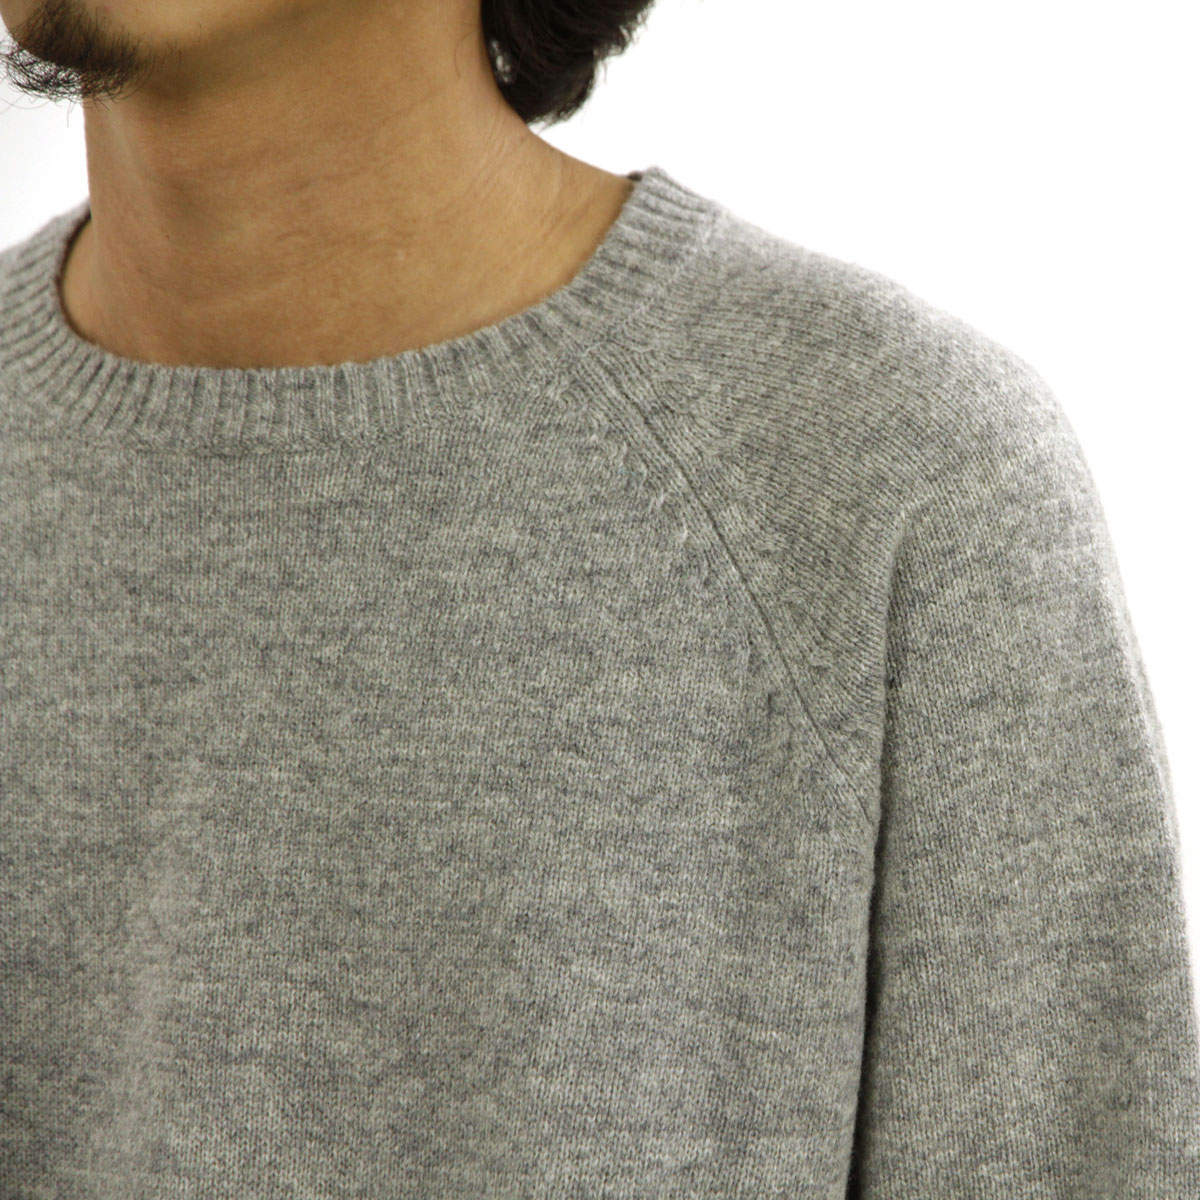 ジェイクルー J.CREW 正規品 メンズ セーター LAMBSWOOL CREWNECK SWEATER 13529